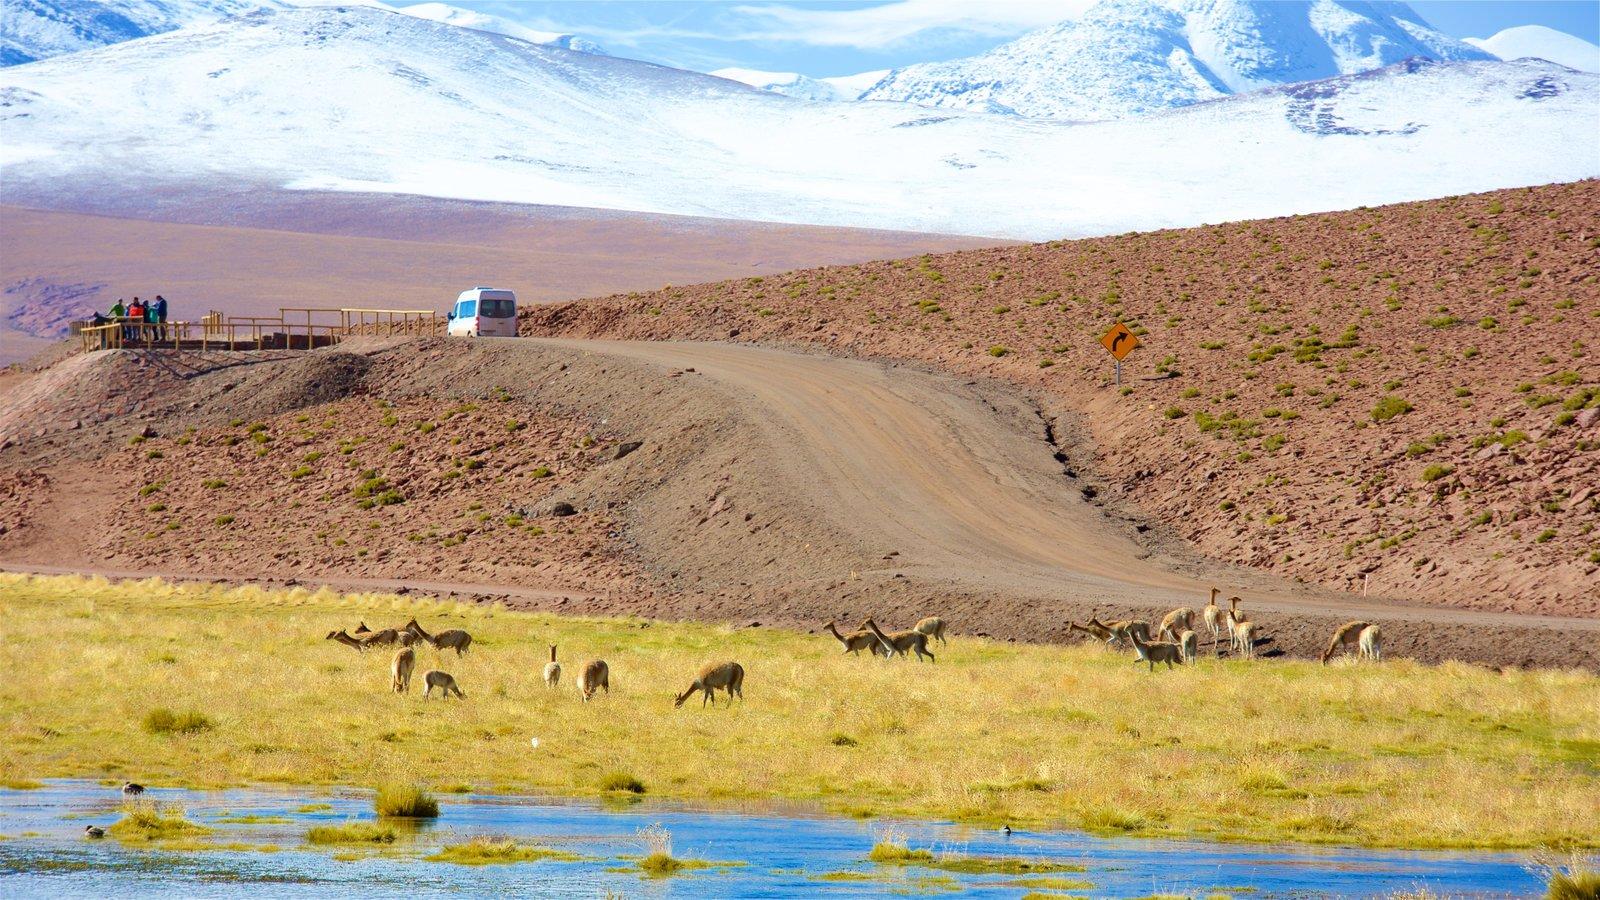 Chile mostrando paisagem, cenas tranquilas e um lago ou charco